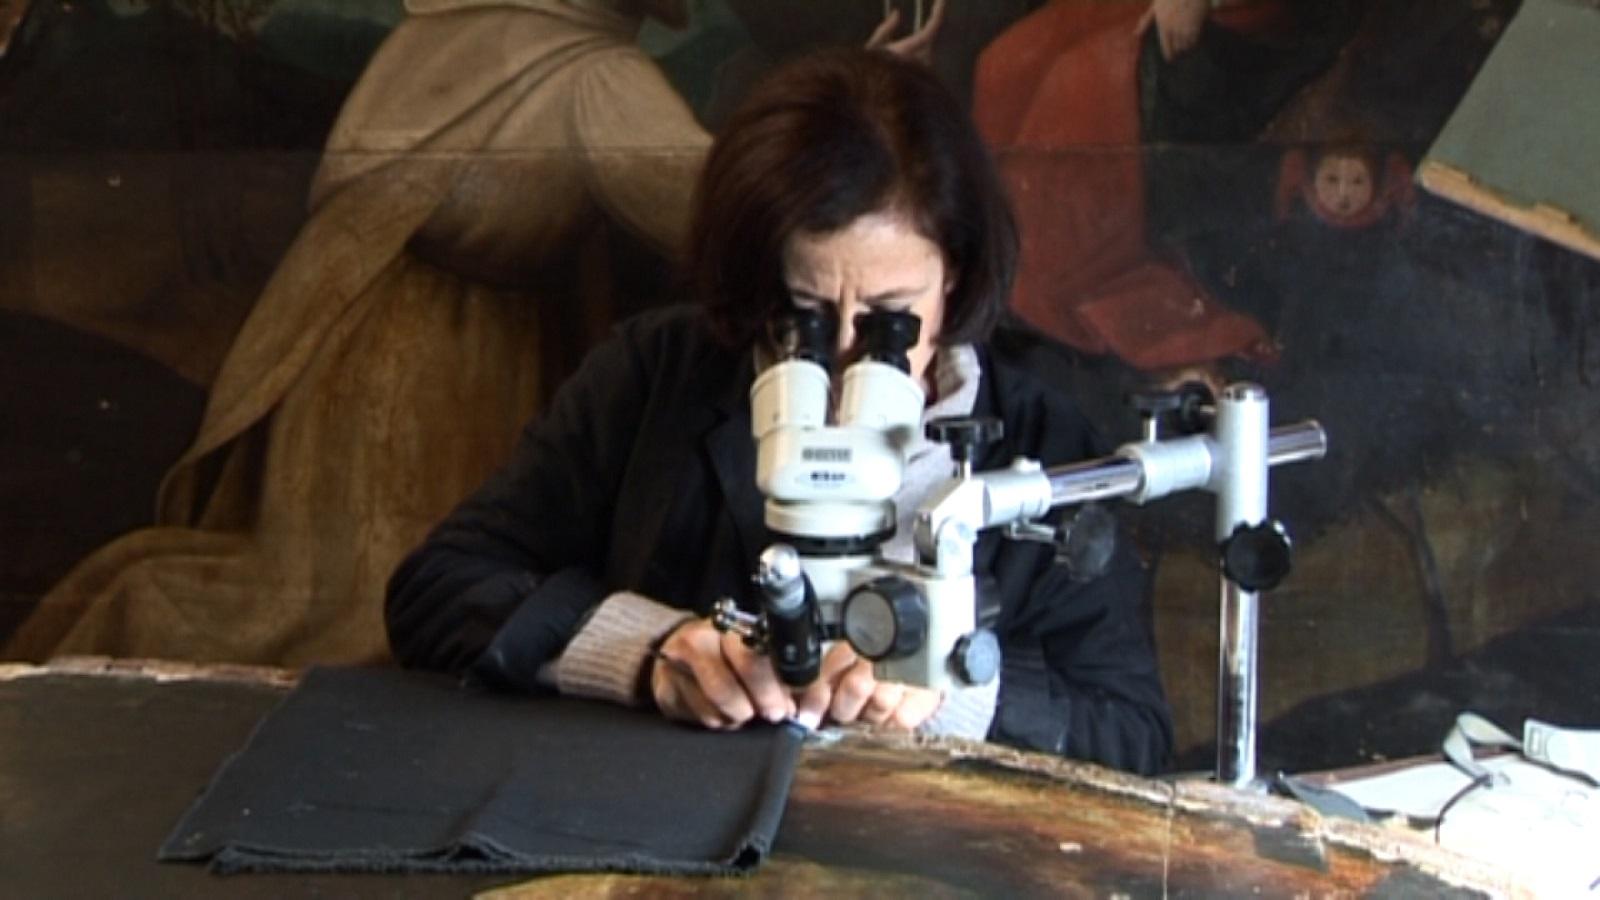 La curatrice Rossella Lari osserva al microscopio il San Domenico di Nelli